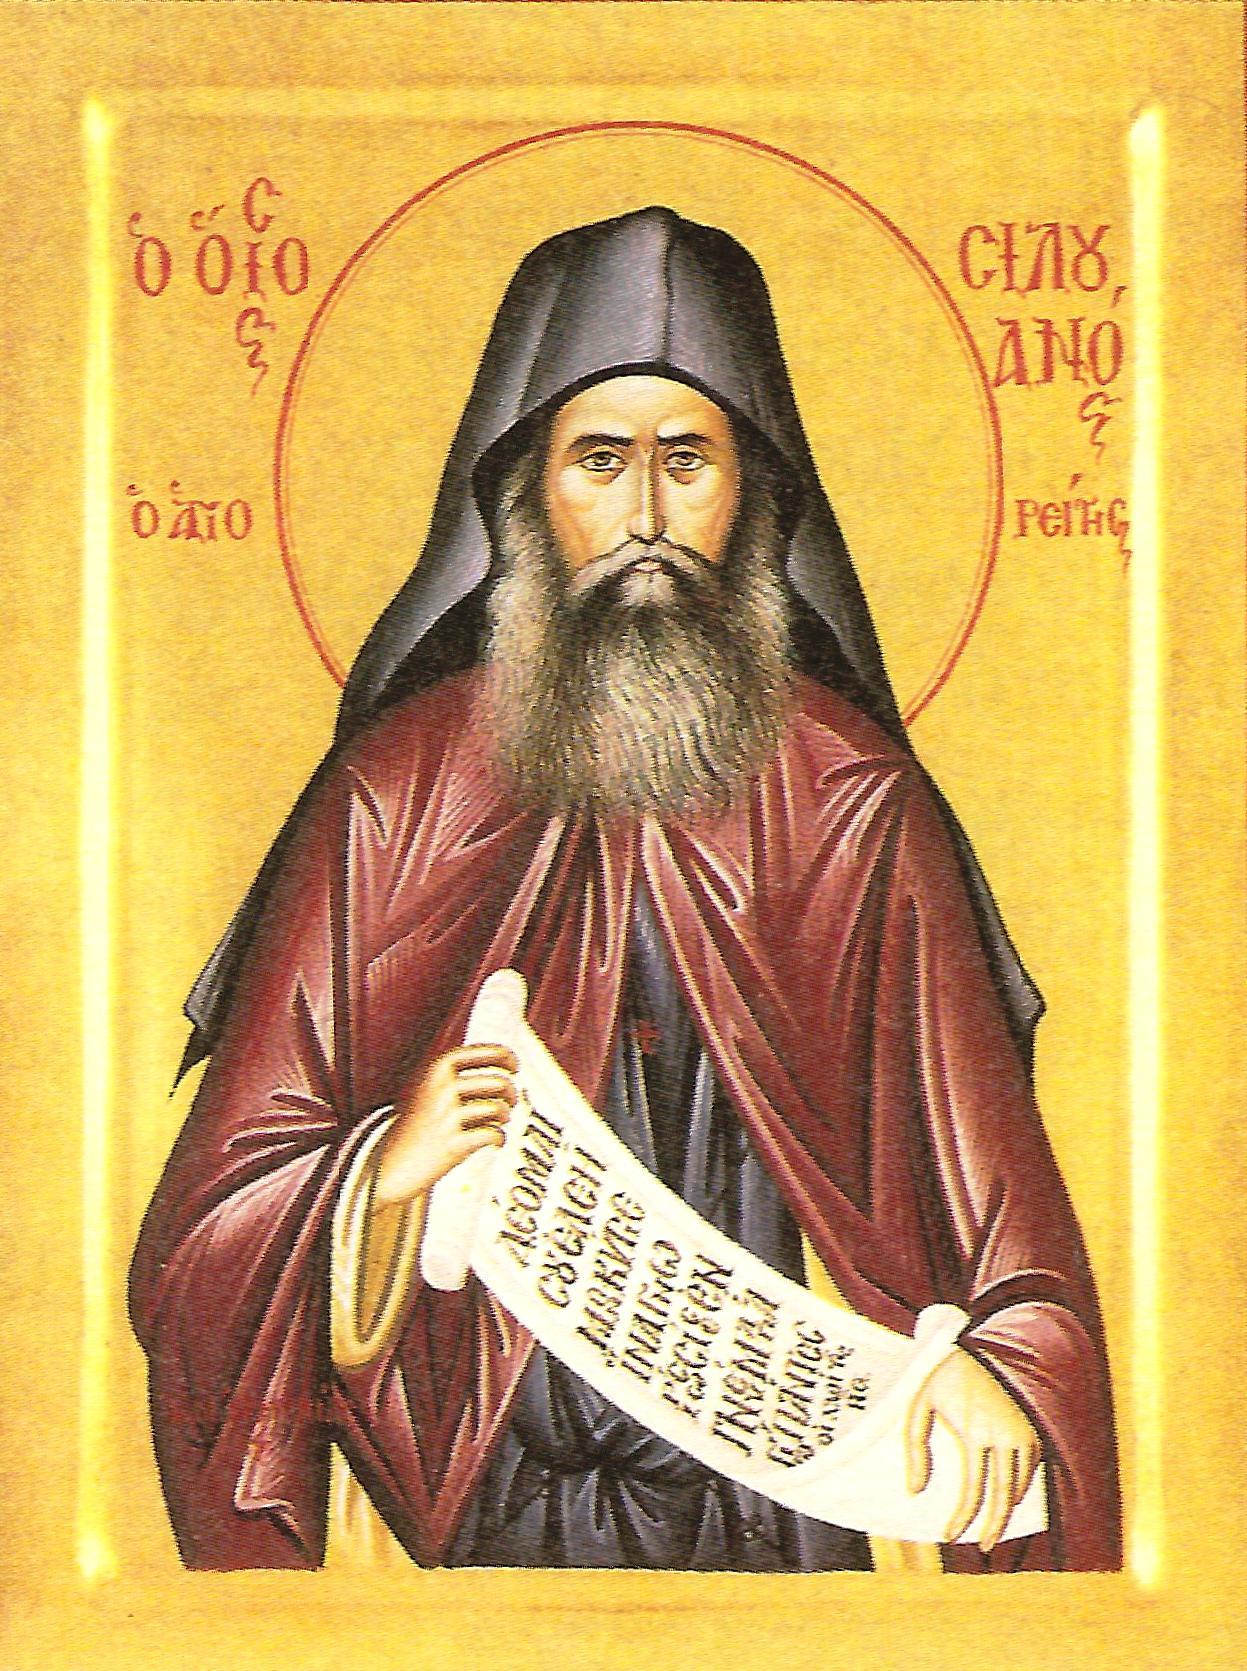 Ο βίος του Αγίου Σιλουανού· το άκτιστο φως και η θεωρία του | Διακόνημα